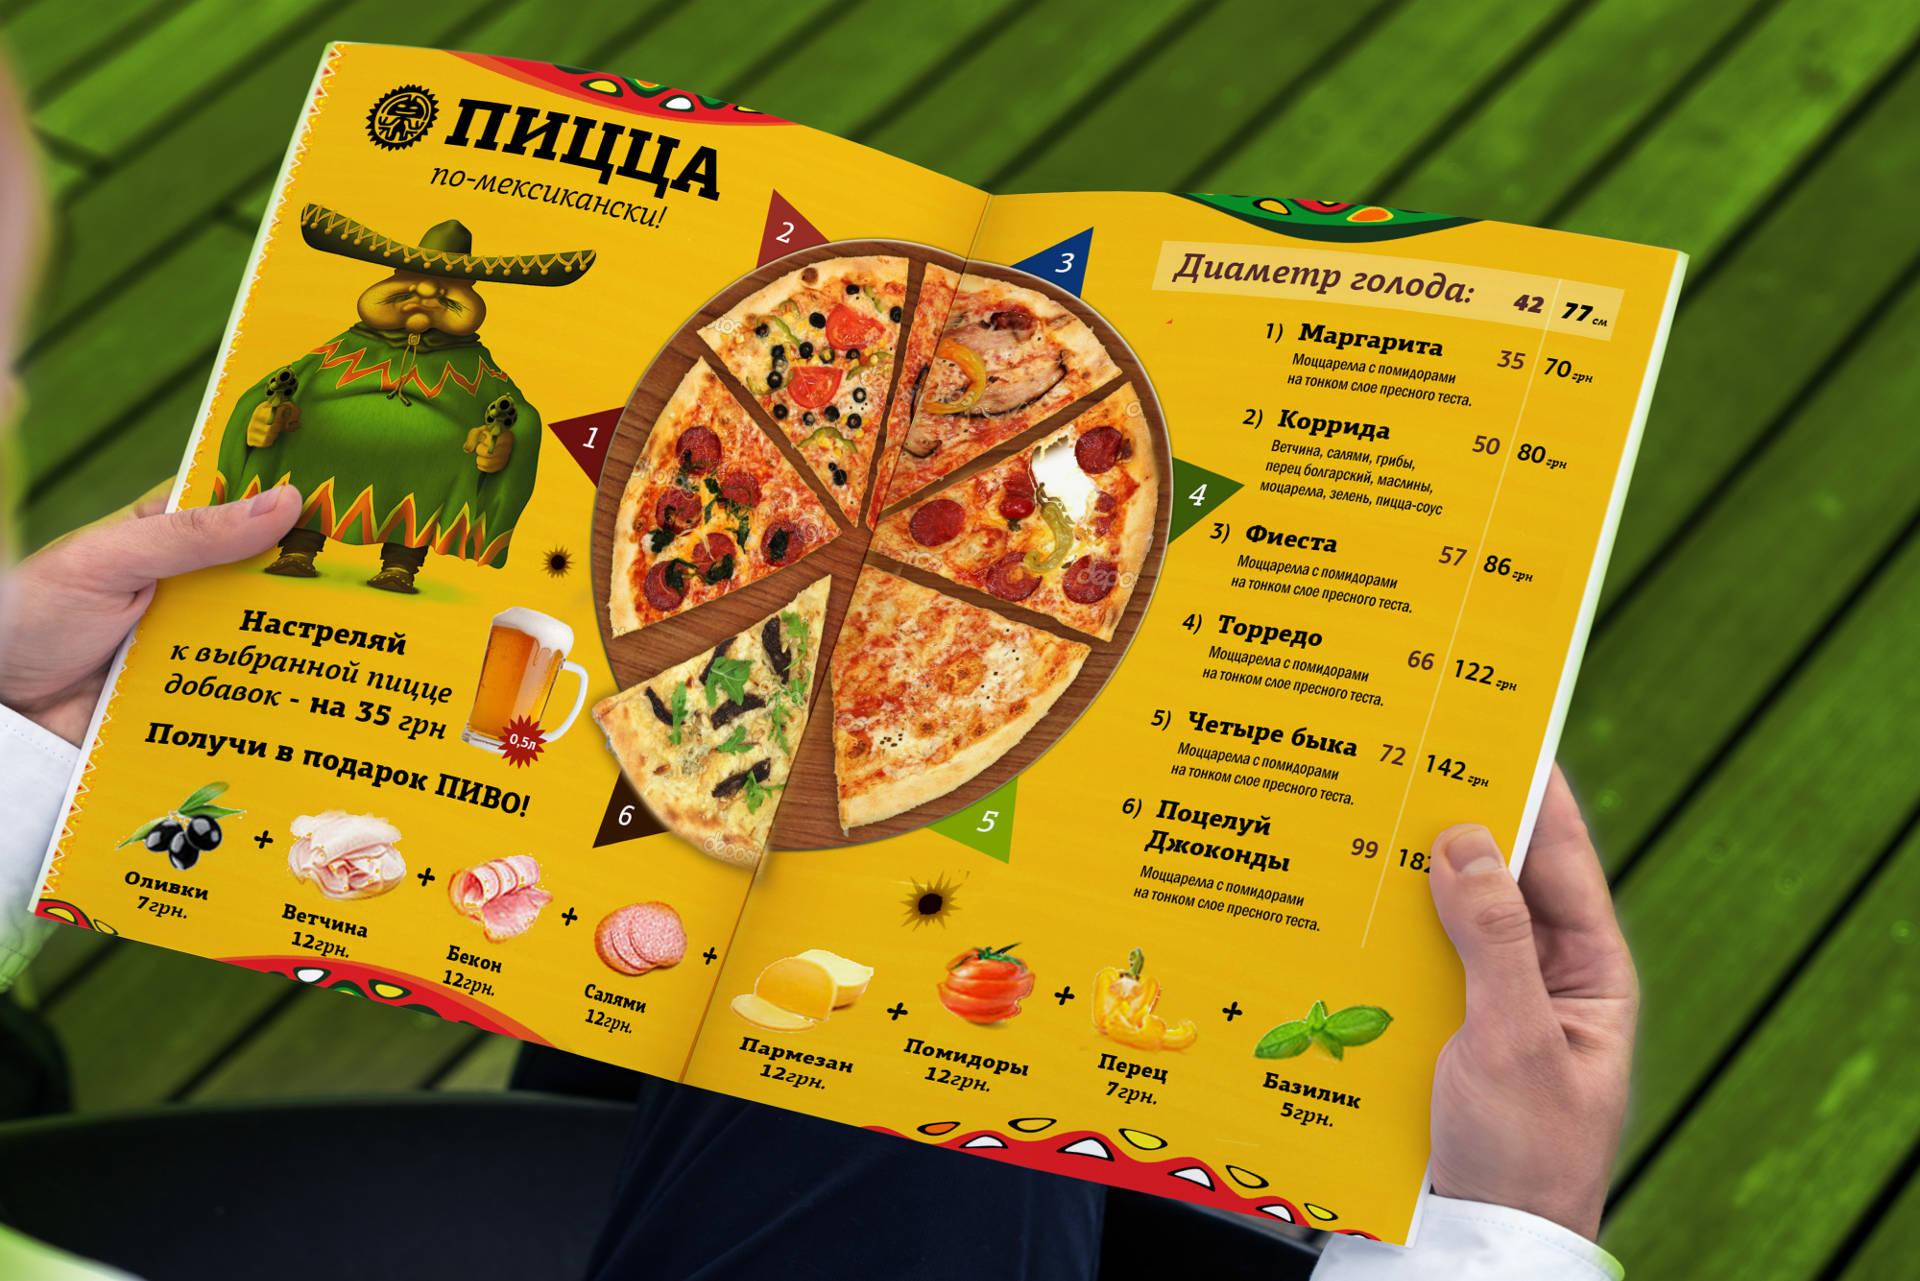 Дизайн menu cafe в мексиканском стиле, Mexican style menu design